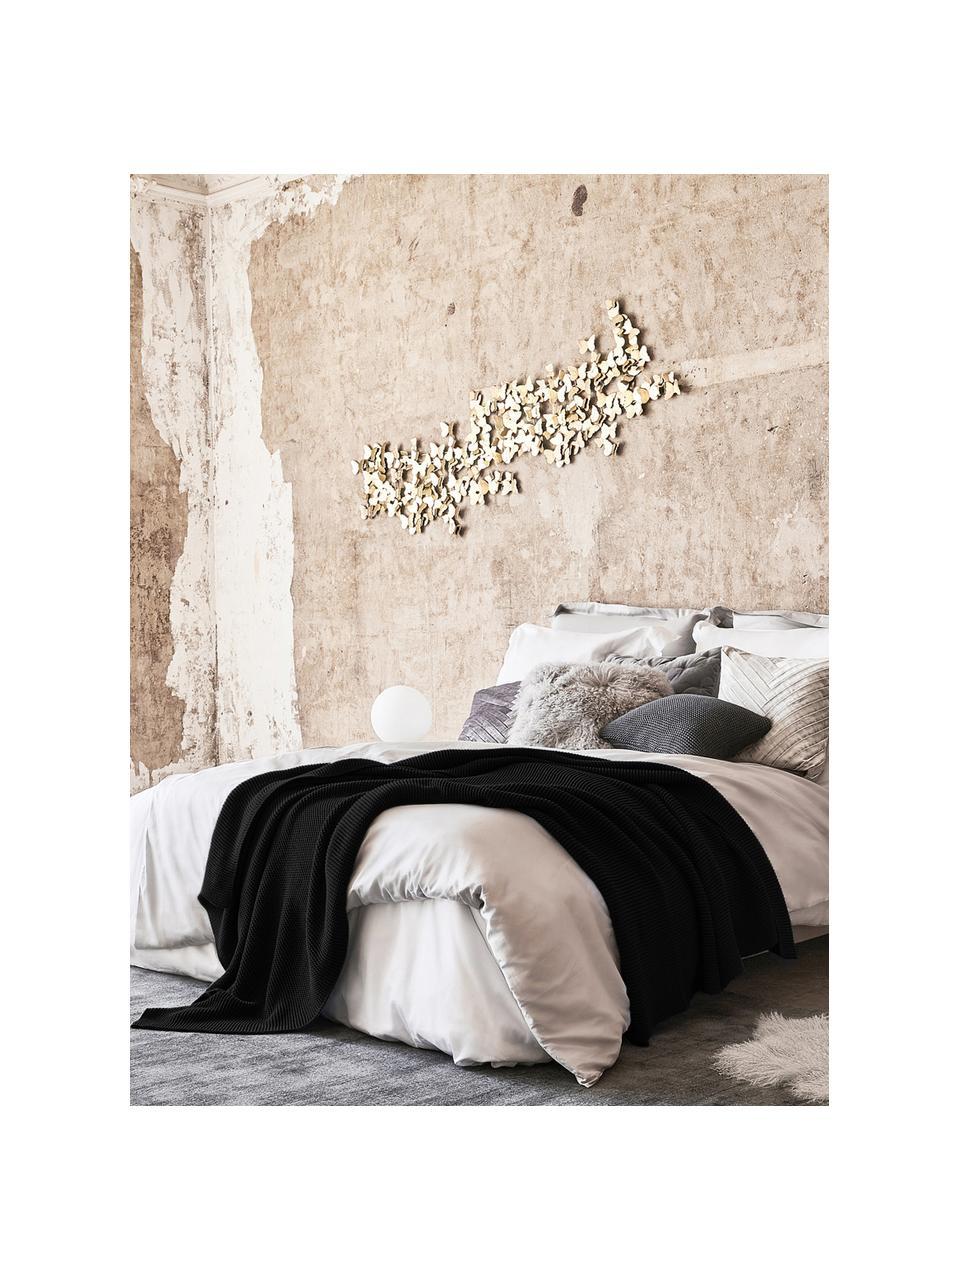 Dzianinowy koc z bawełny organicznej  Adalyn, 100% bawełna organiczna, certyfikat GOTS, Czarny, S 150 x D 200 cm